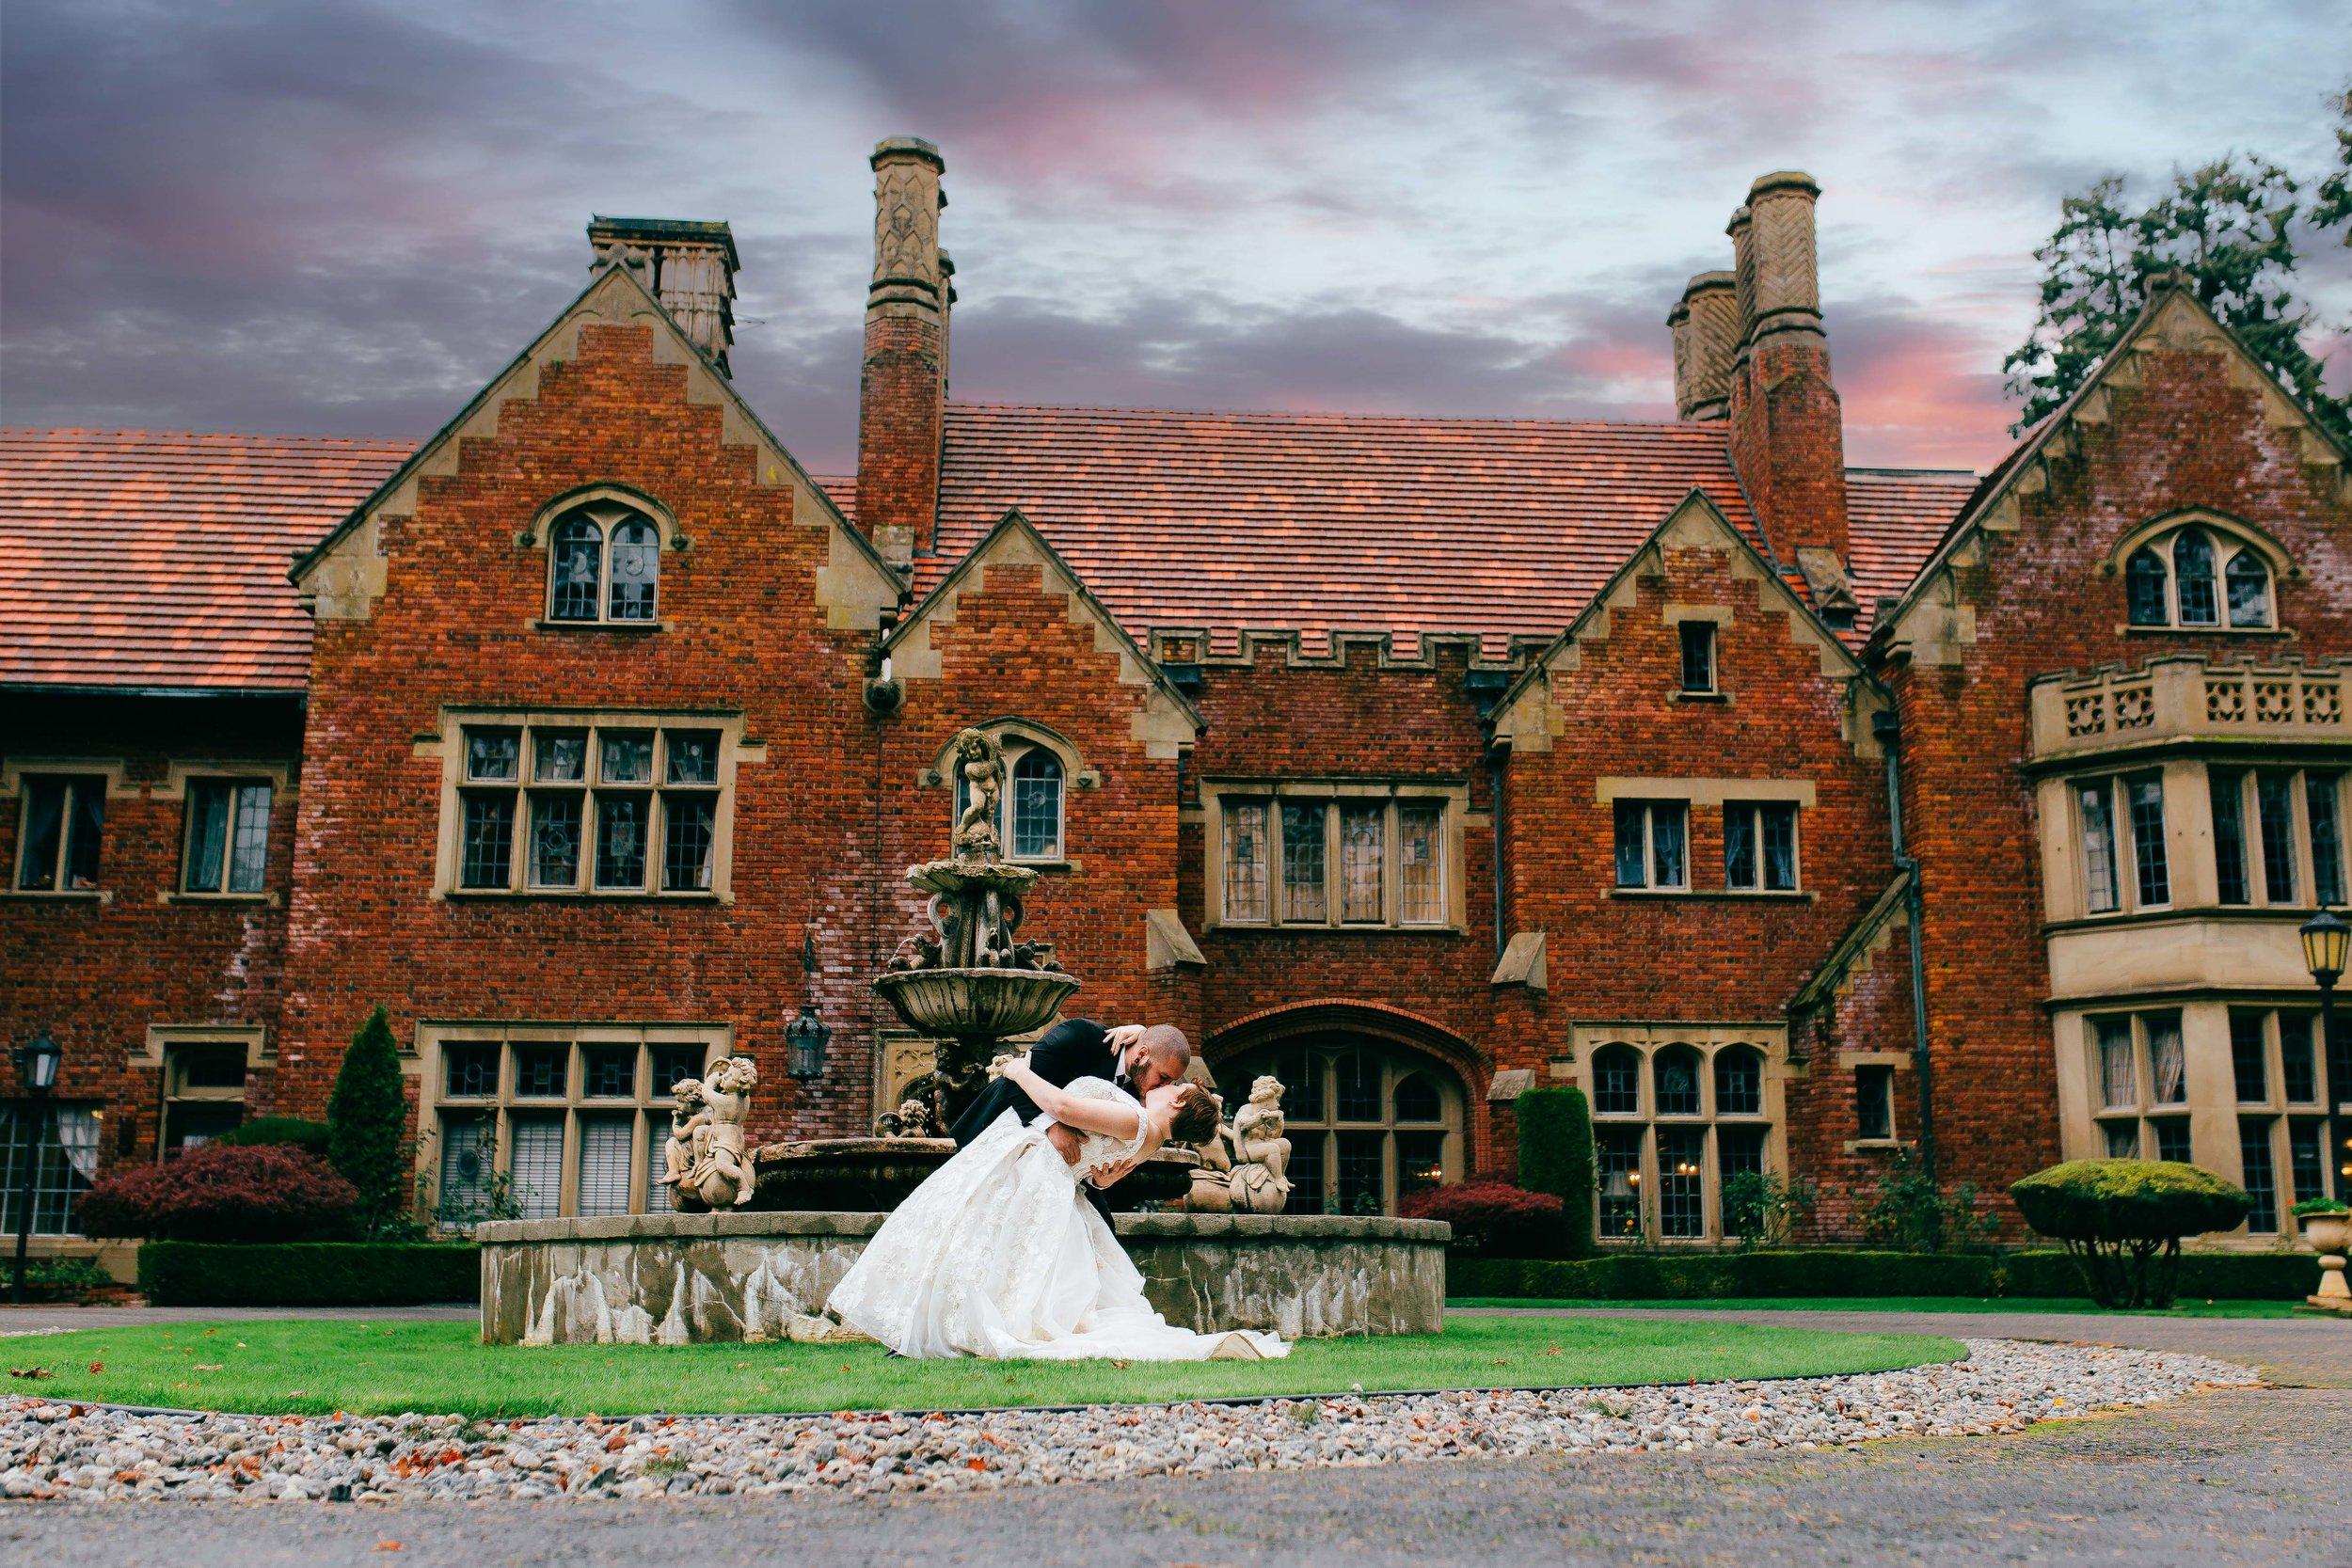 washington_wedding_Thornewood_Castle_photography--4.jpg